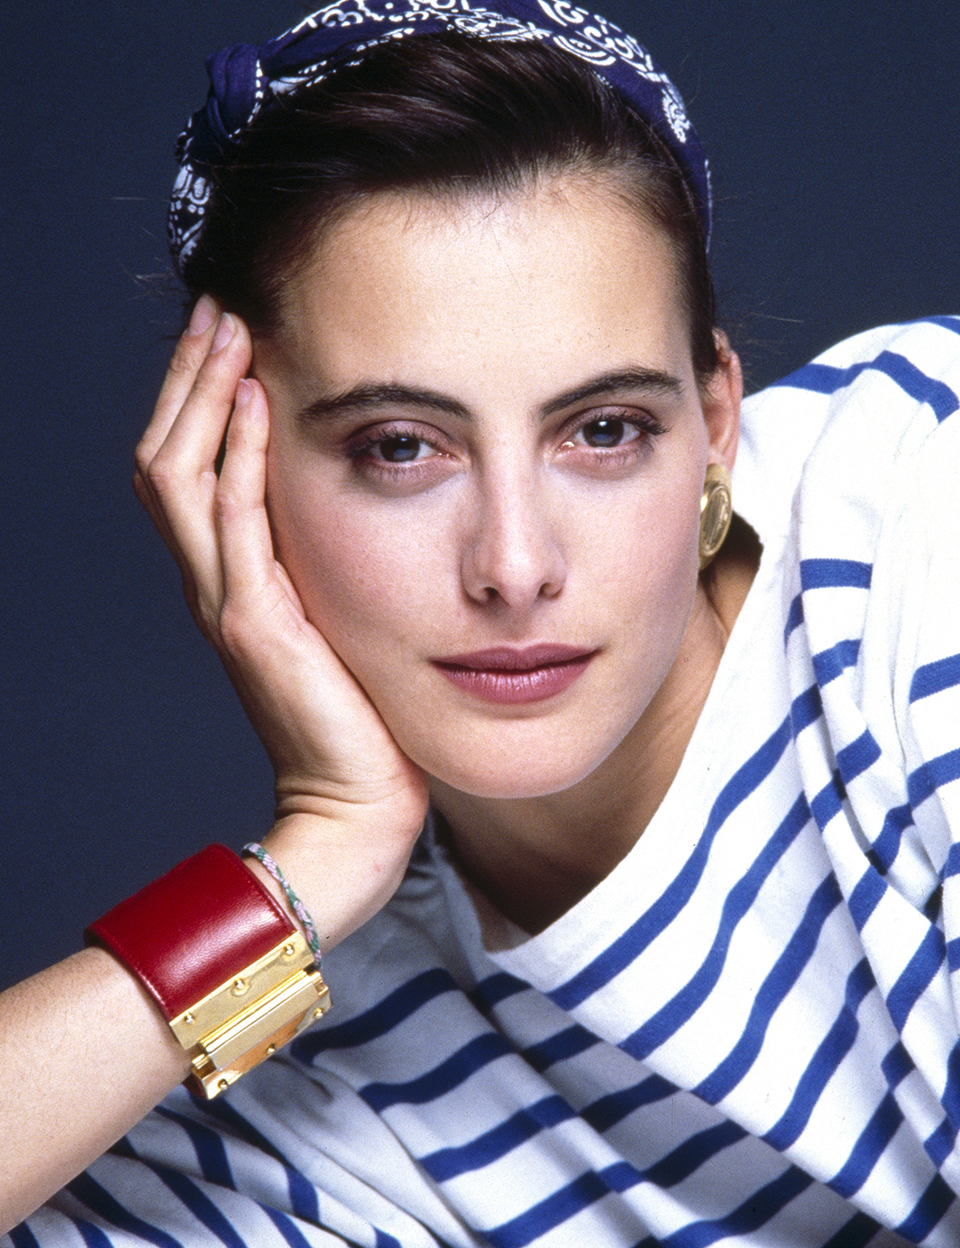 パリ・シックを体現する永遠のファッションアイコン、イネス・ド・ラ・フレサンジュ。